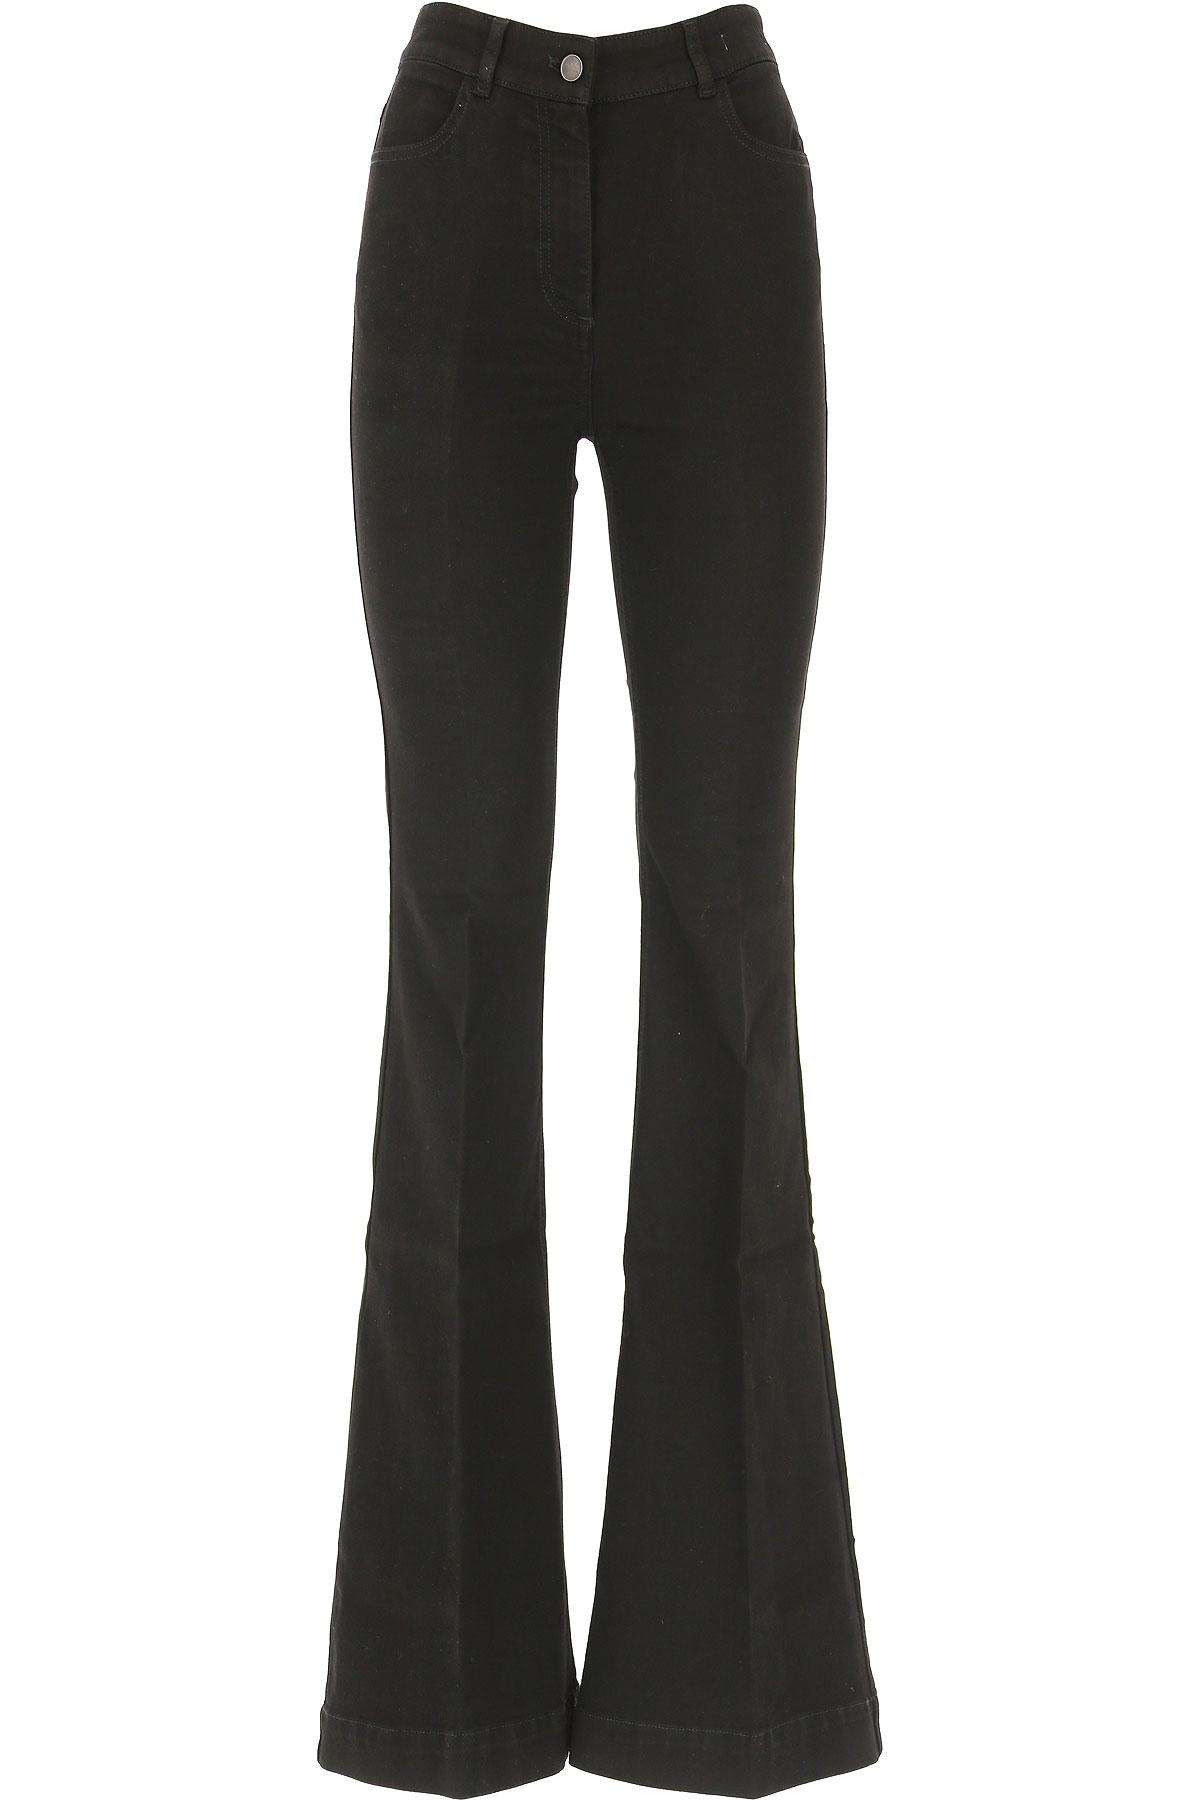 Image of PT05 Jeans, Black, Cotton, 2017, 24 25 26 27 28 29 30